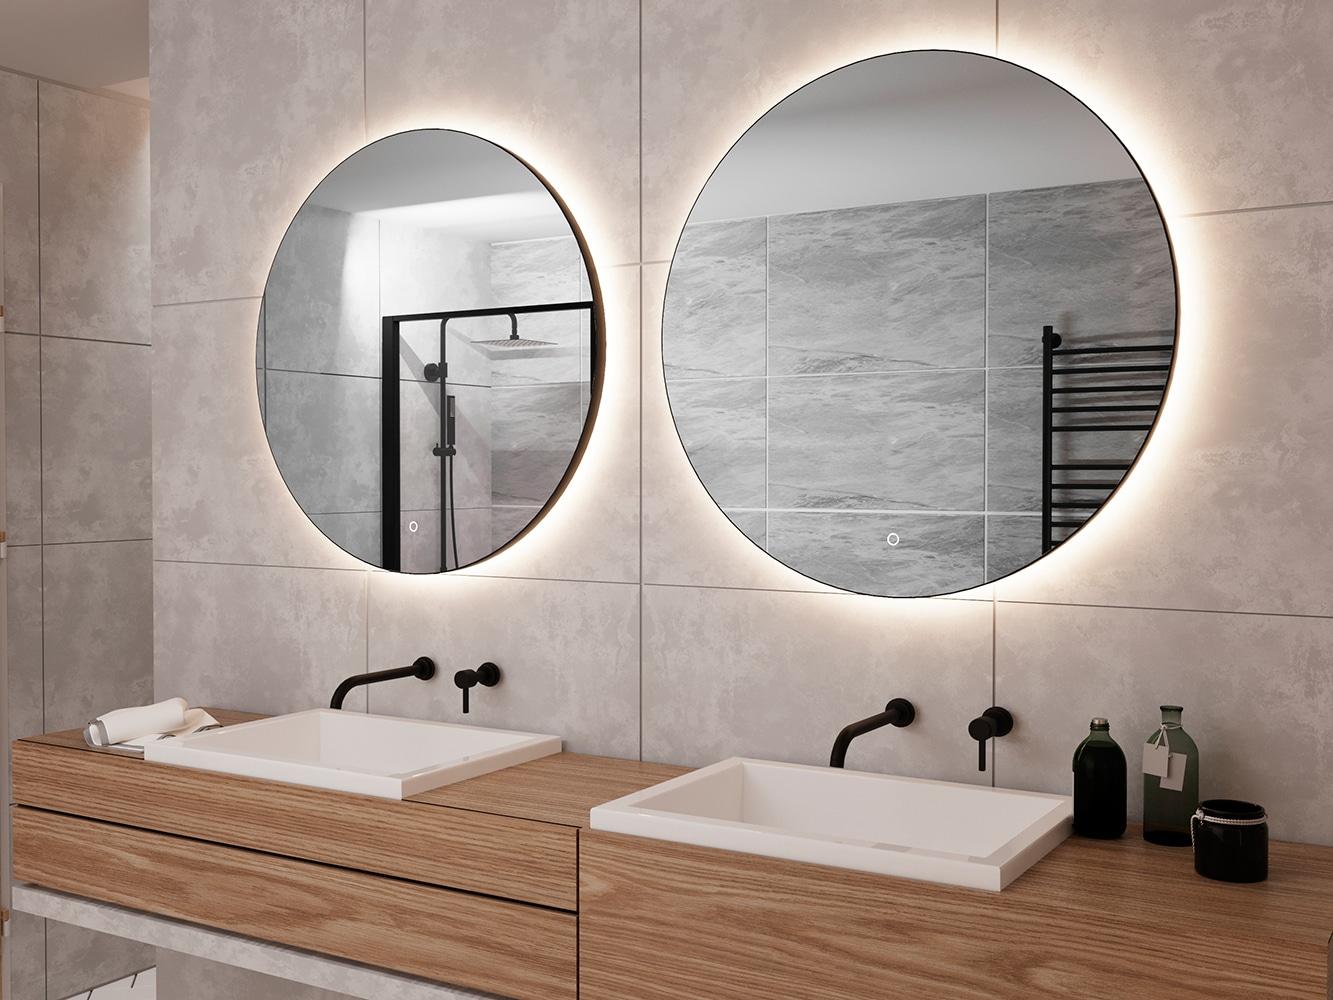 Bij een breed badmeubel is het stijlvol om 2 ronde spiegels naast elkaar te plaatsen!